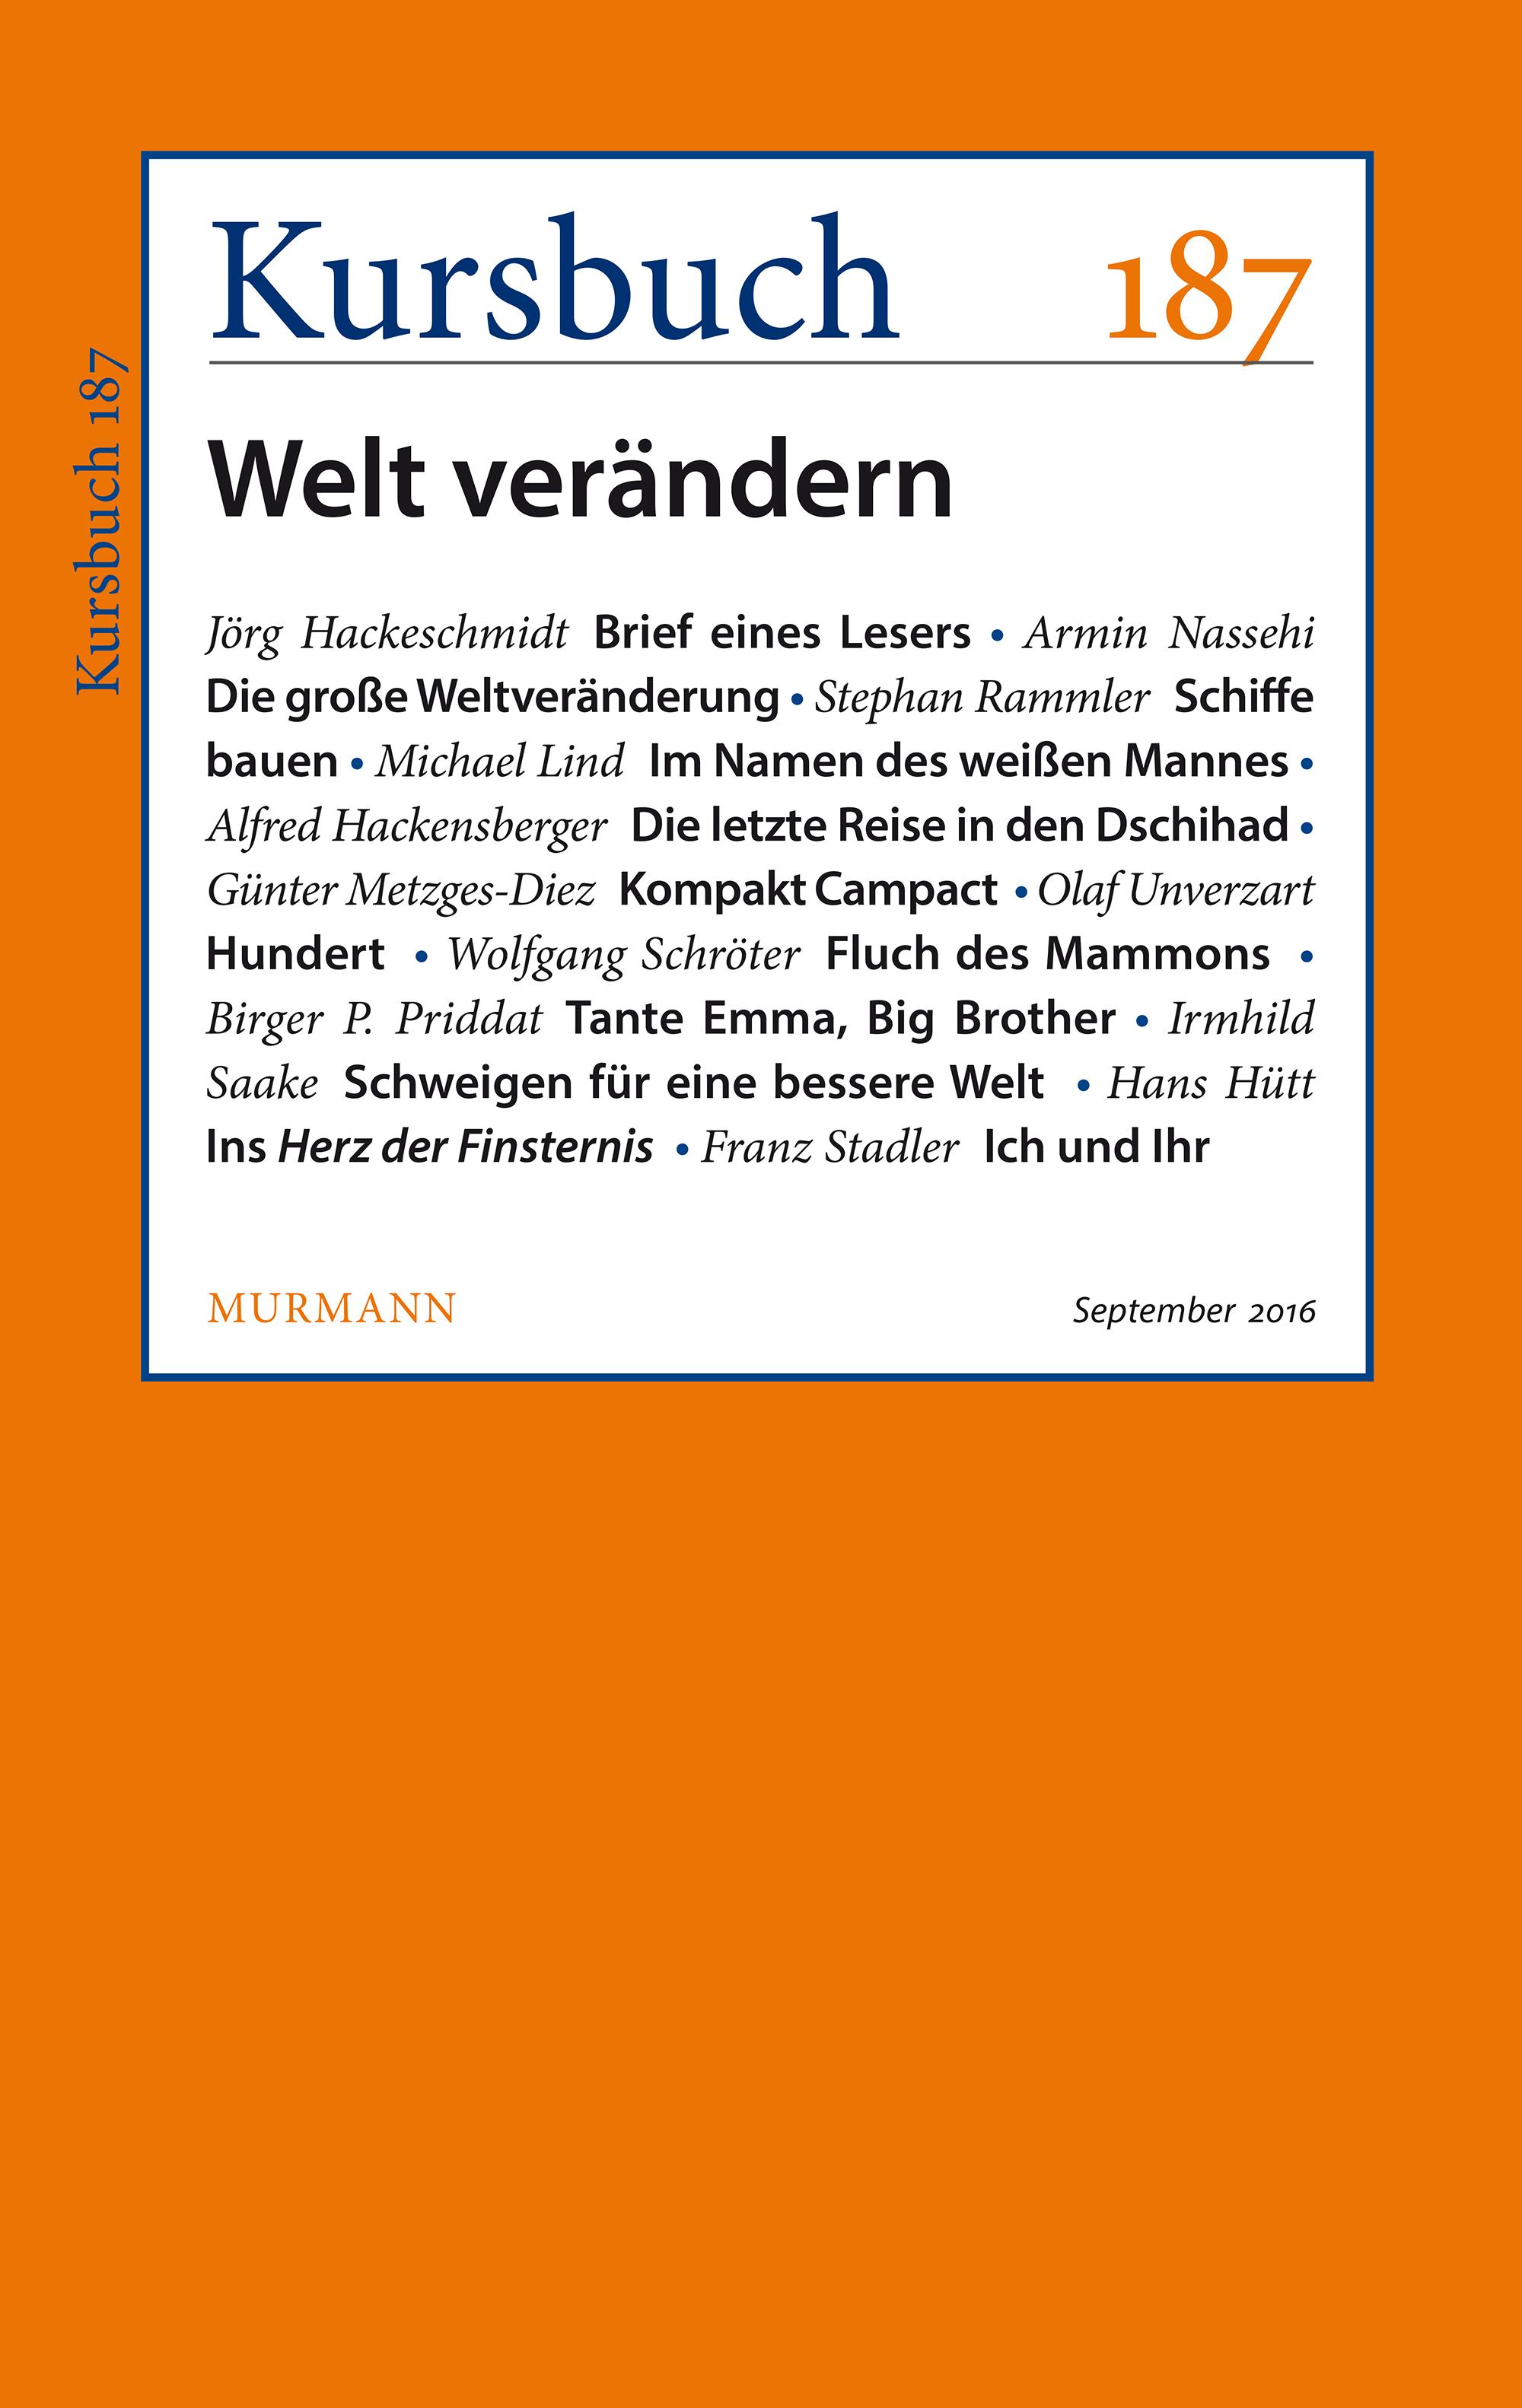 Kursbuch 187